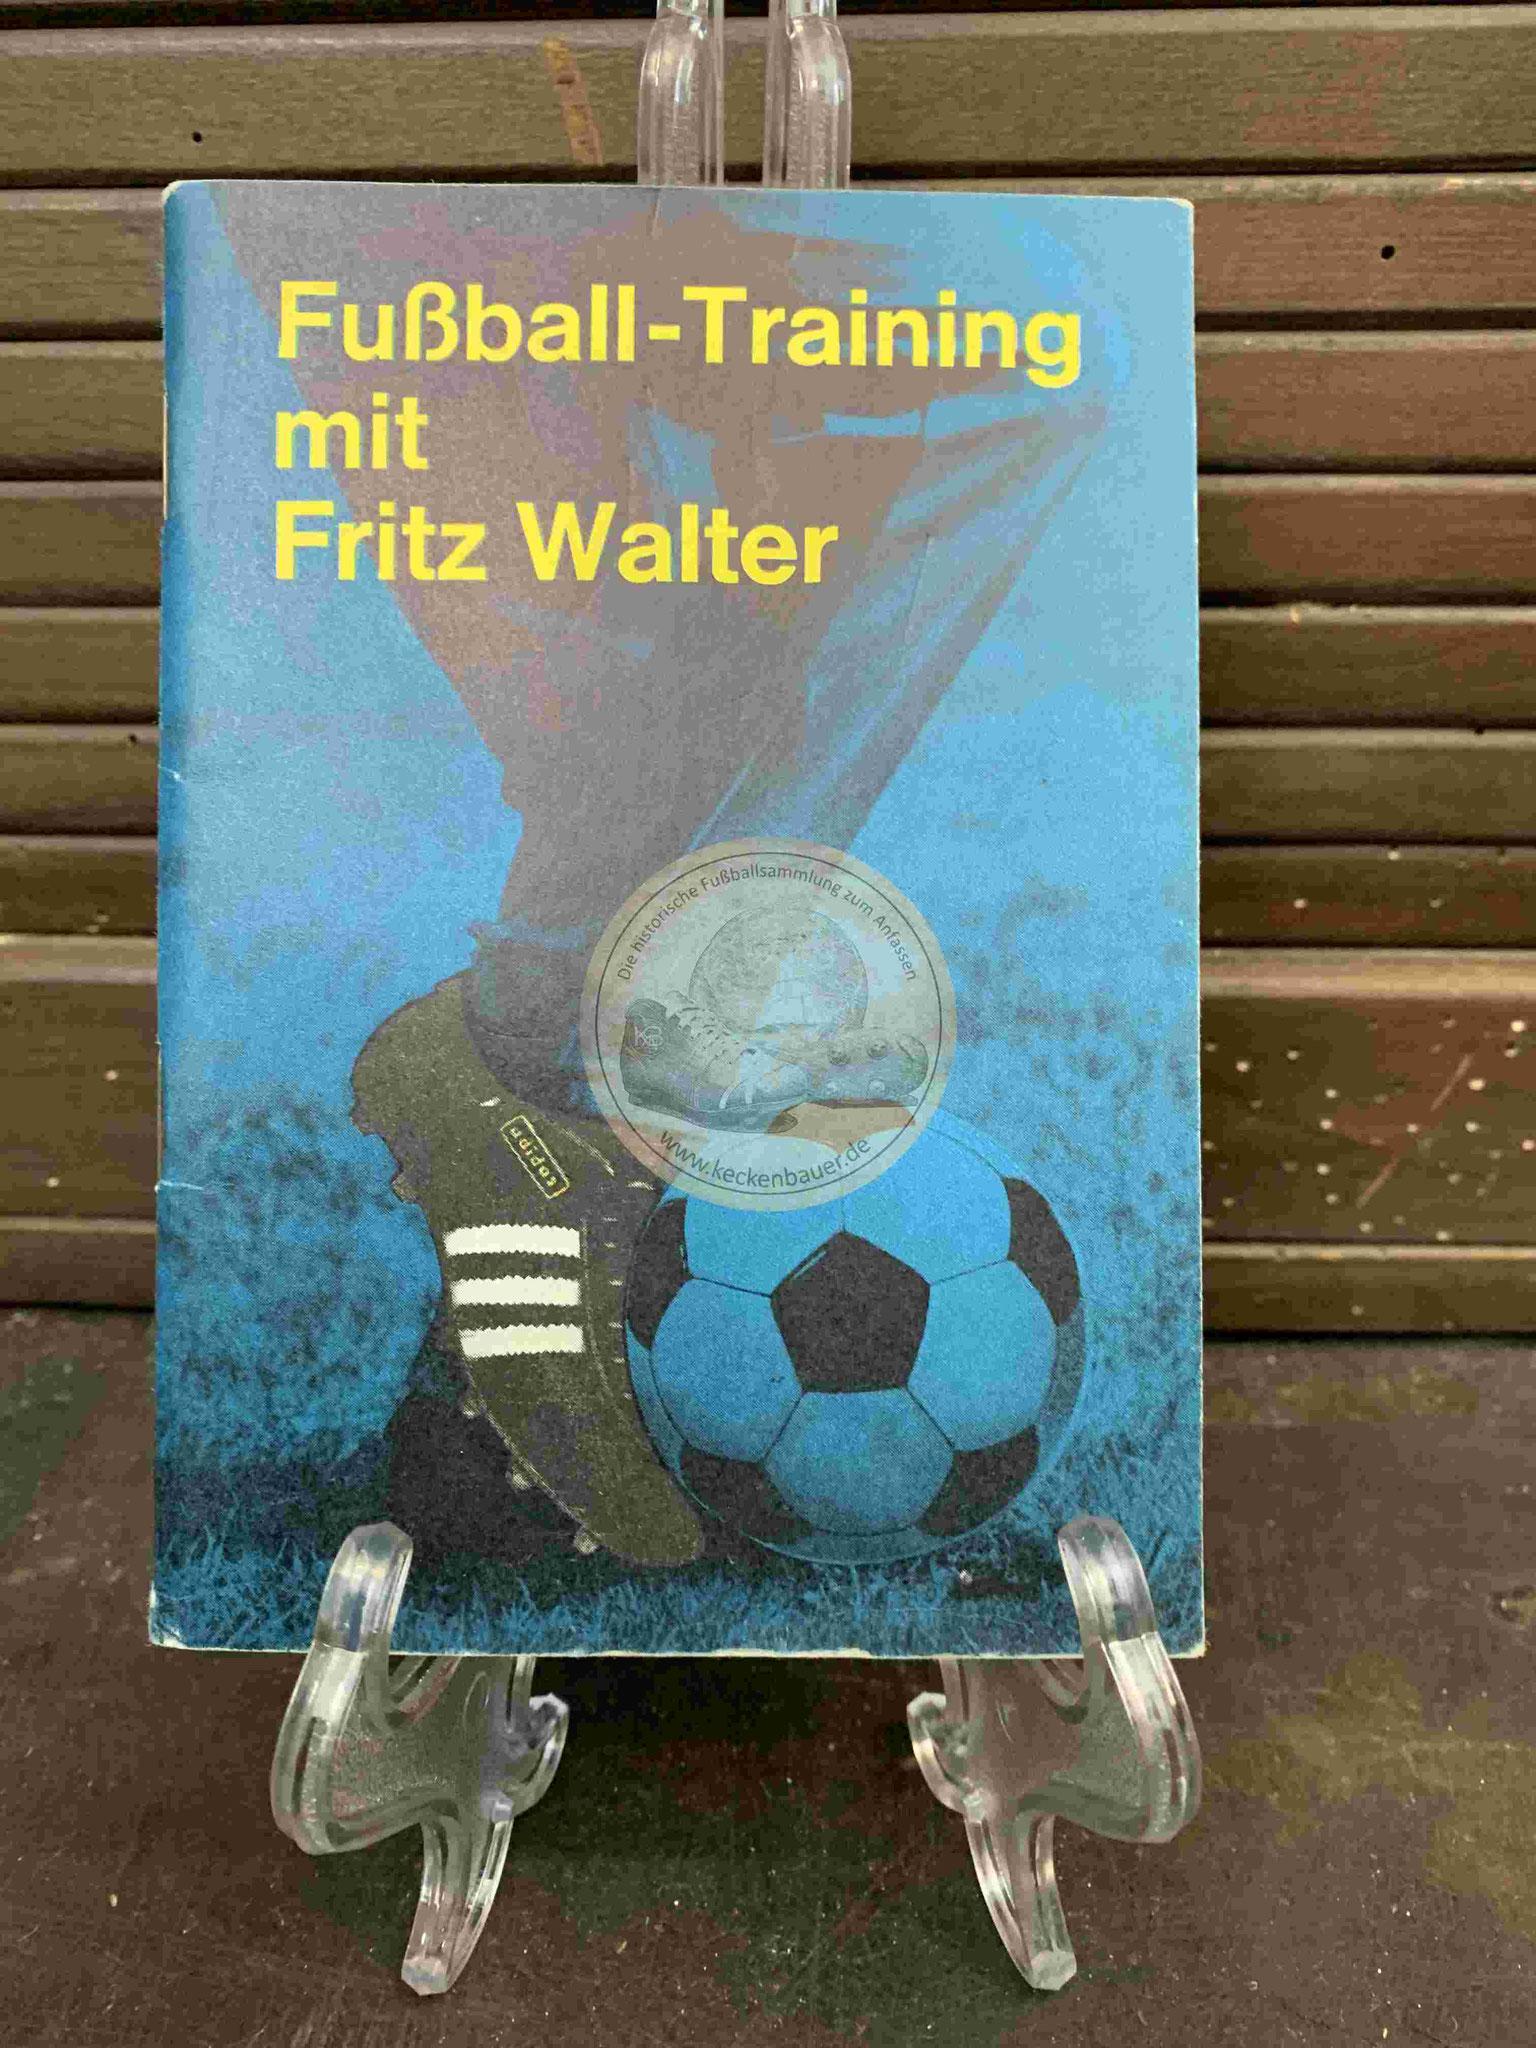 Fußball-Training mit Fritz Walter aus dem Jahr 1964